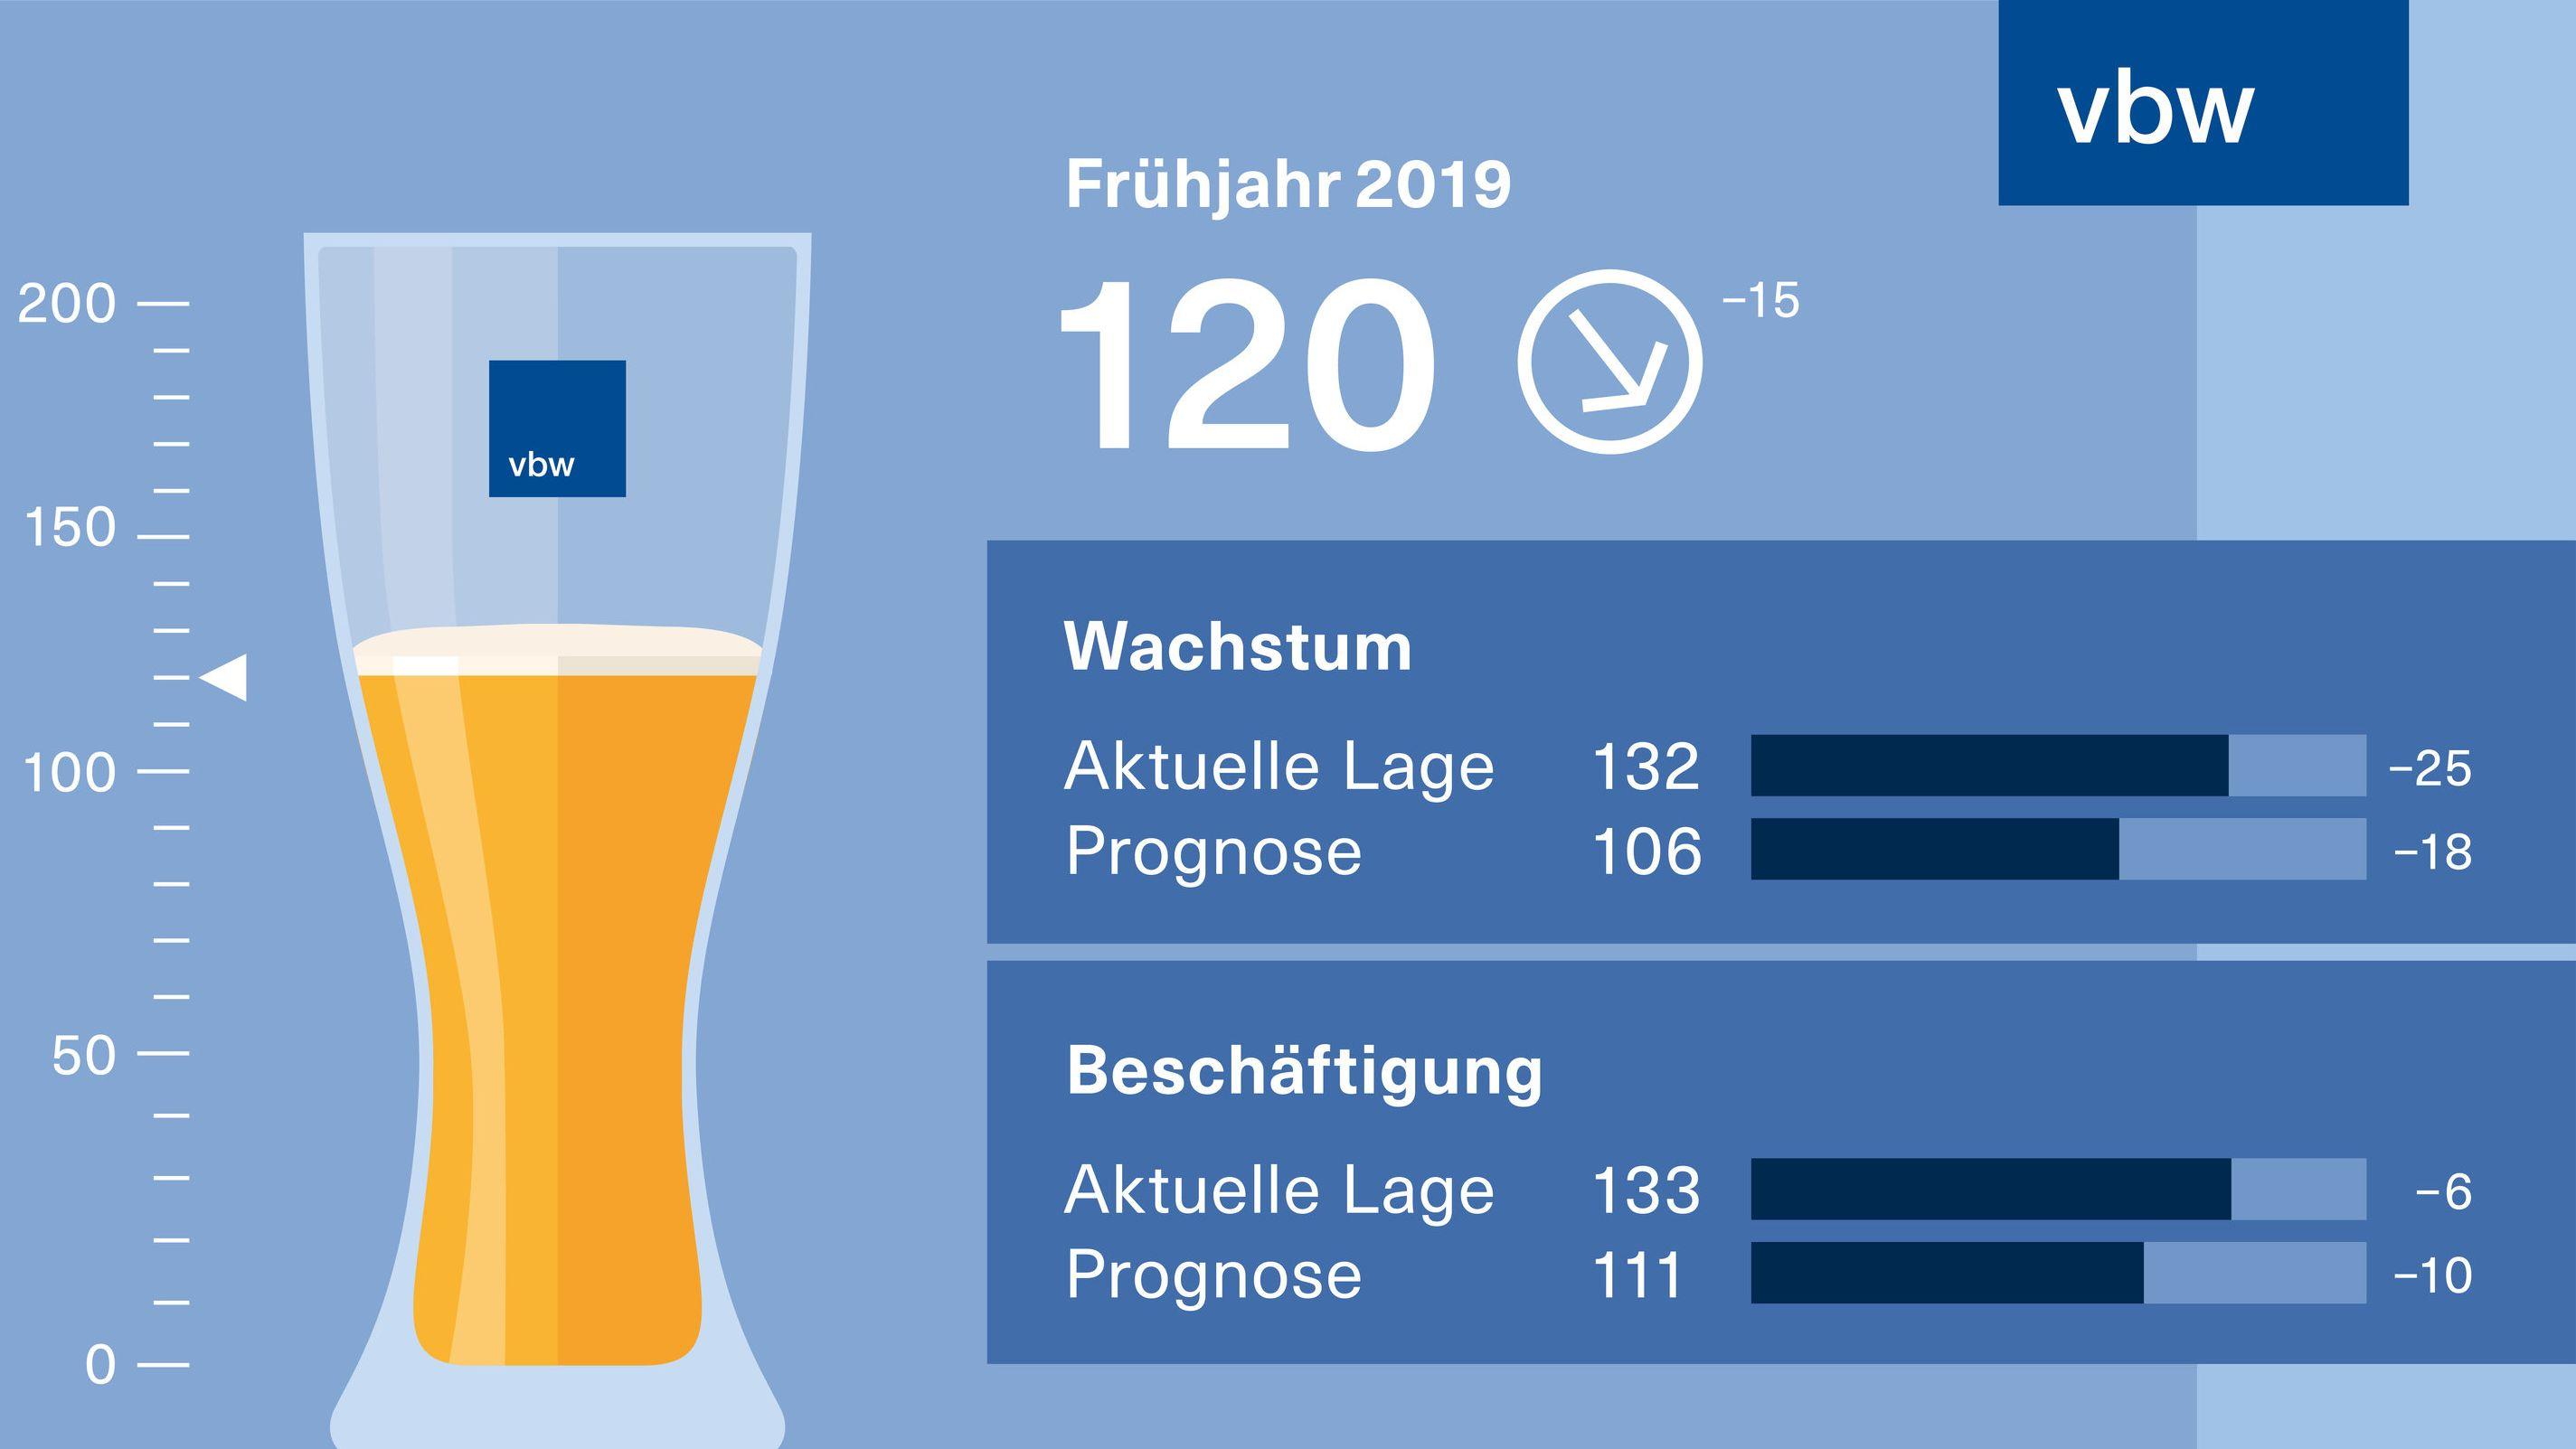 vbw-Weißbier-Index der Bayerischen Wirtschaft: Langsameres Wachstum bei wachsender Unsicherheit.